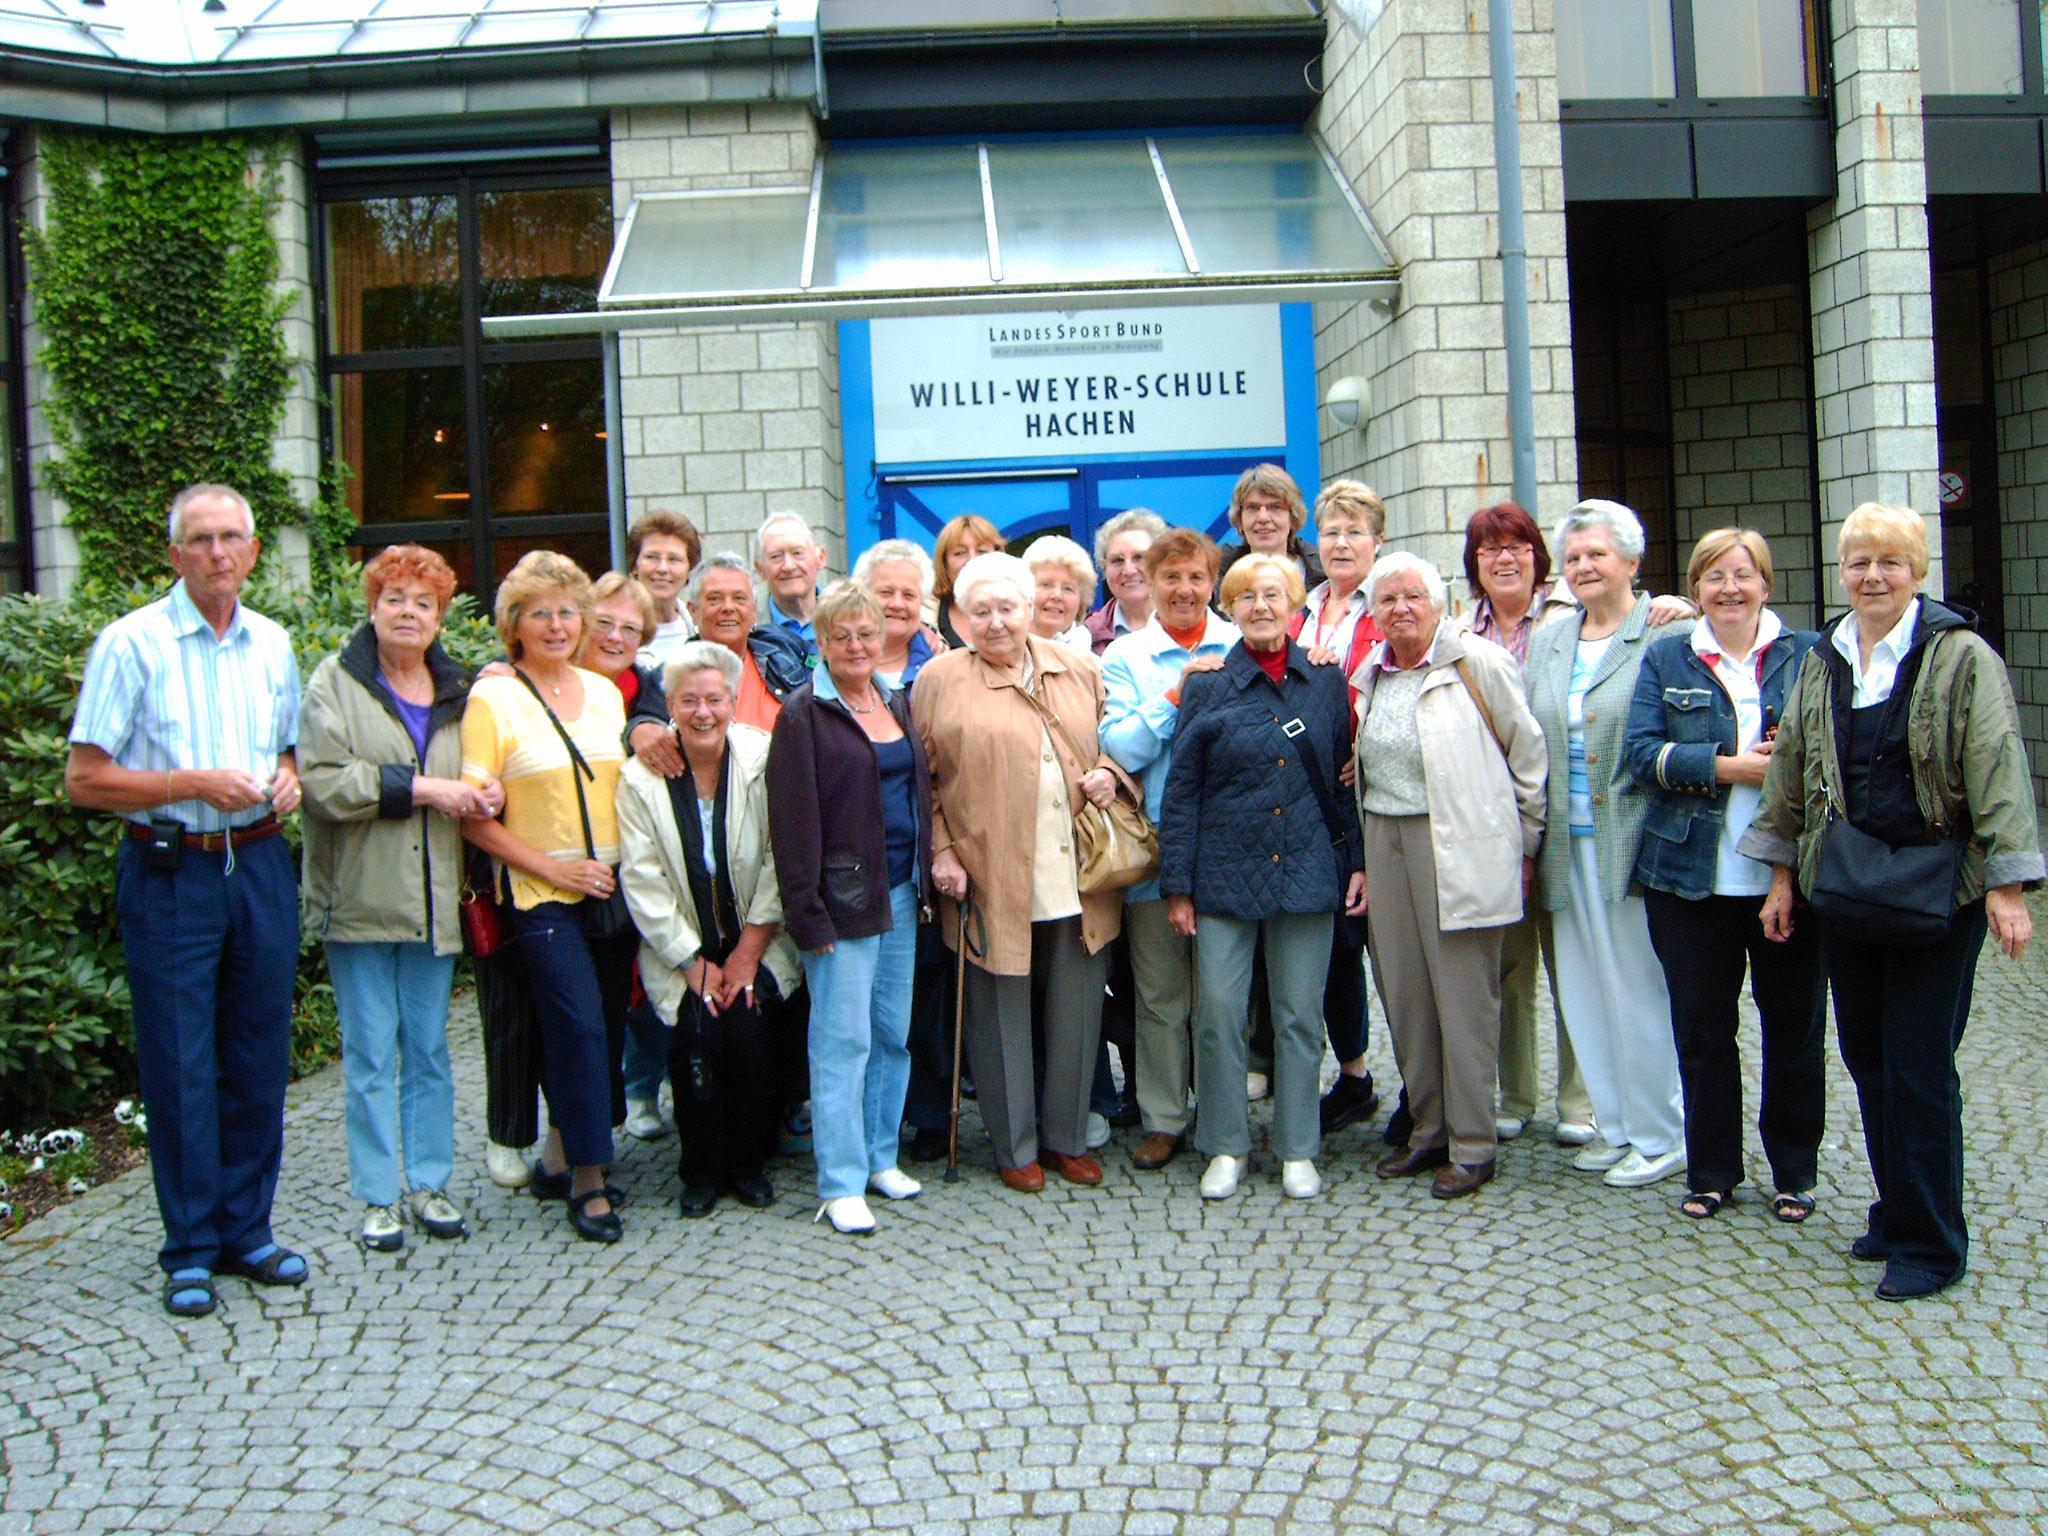 Bild zum Artikel: Senioren im Aufwind - SSB-Fahrt nach Hachen voller Erfolg